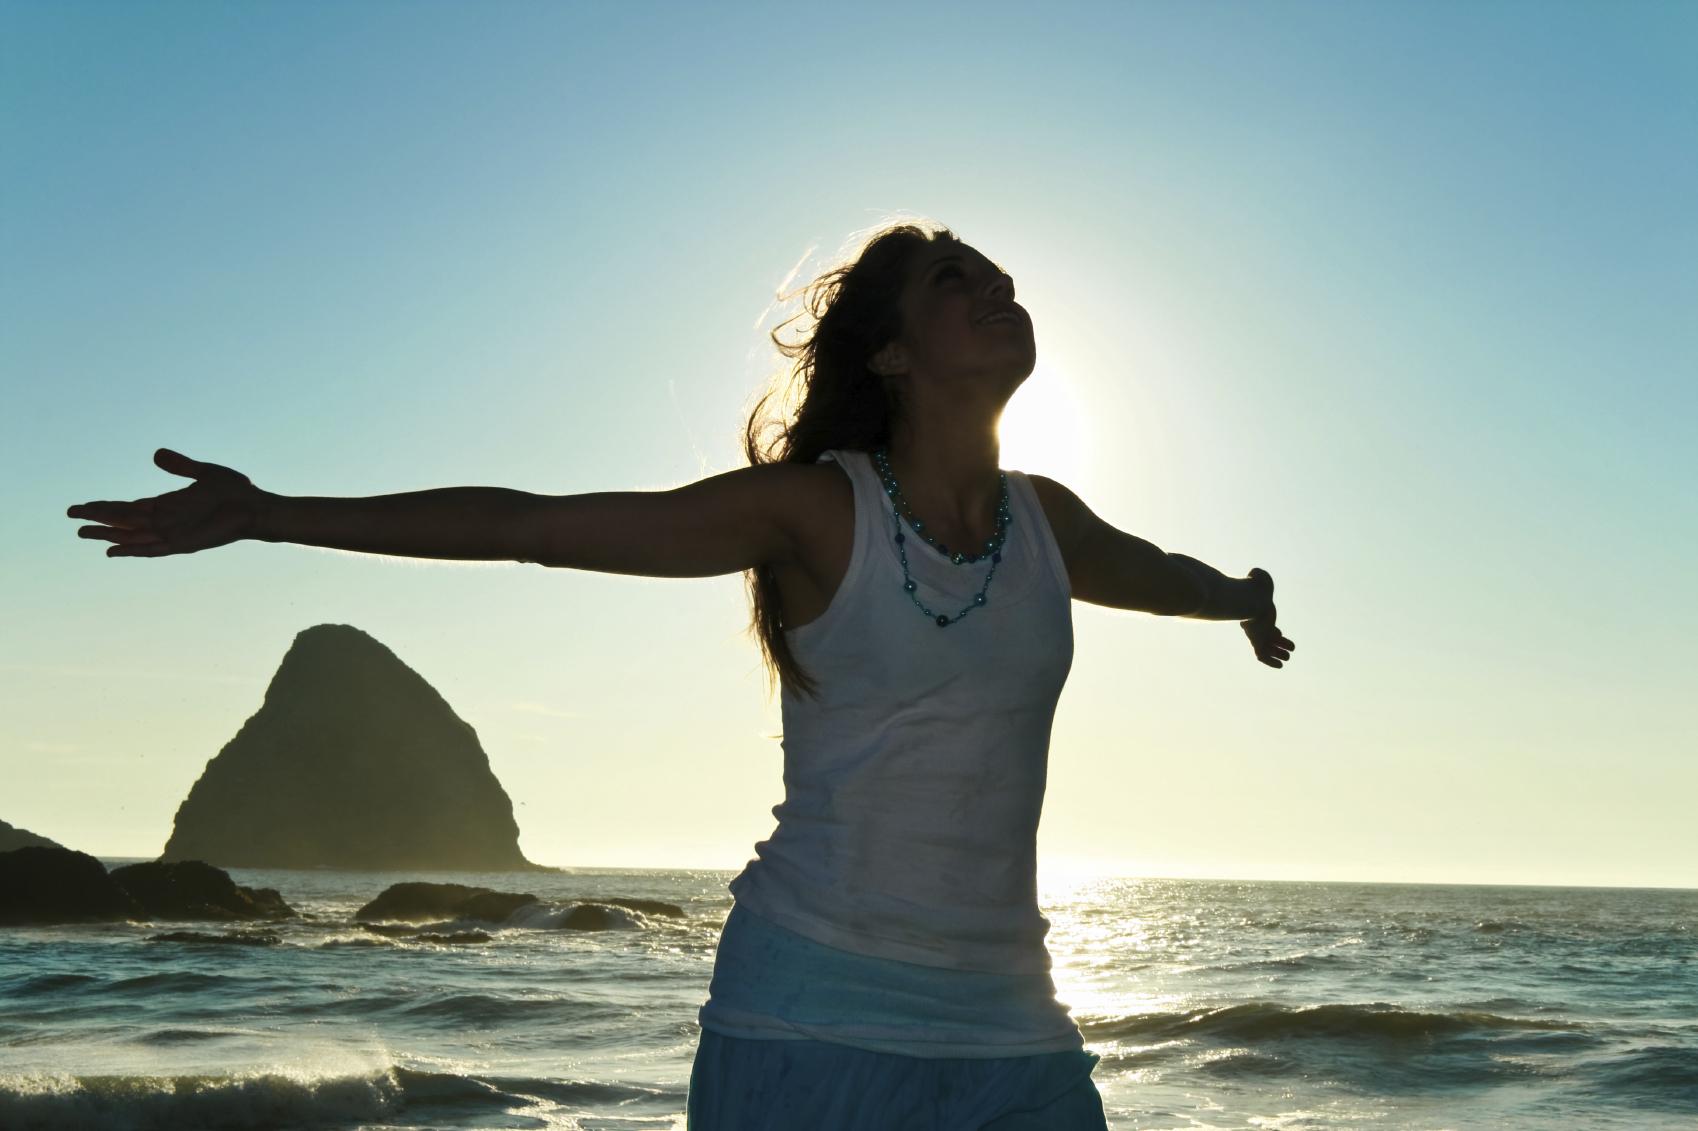 「健康」とは「心も体も満たされた状態」のことである。